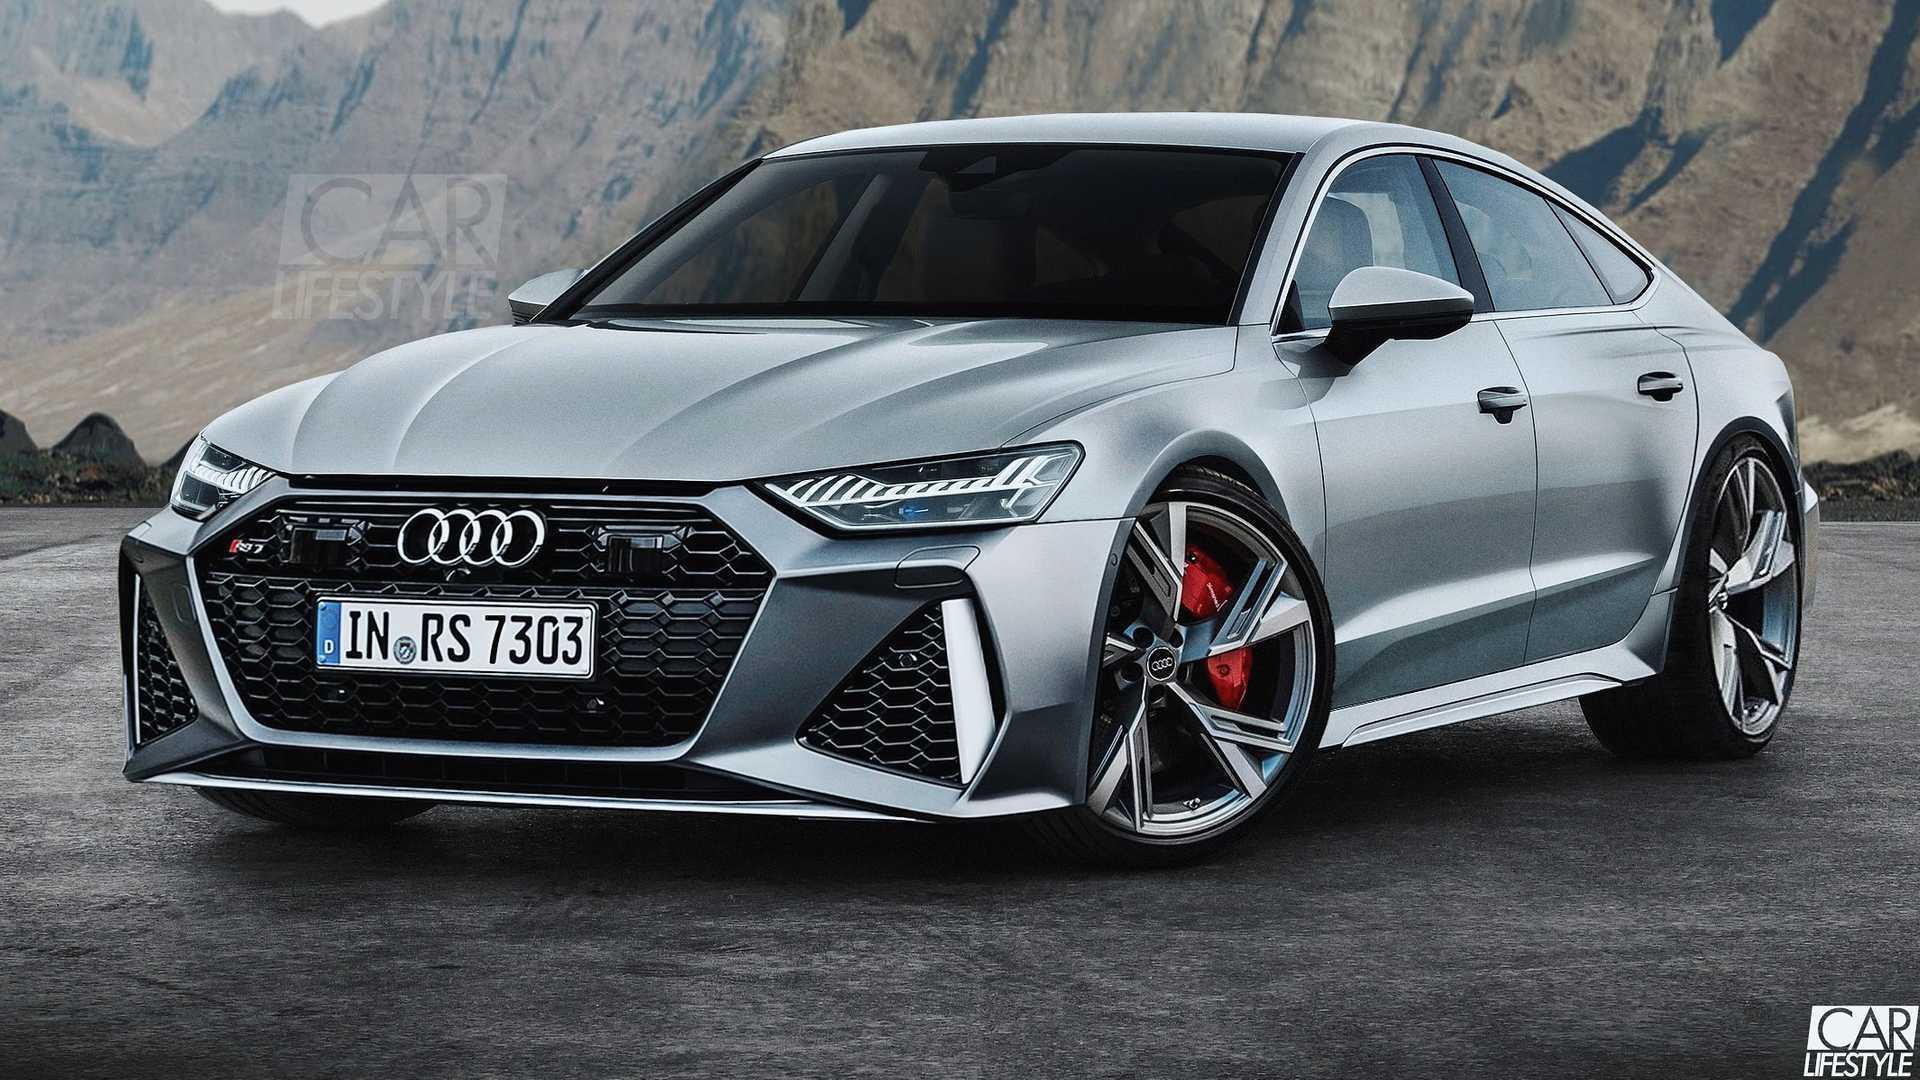 Kelebihan Kekurangan Audi R7 Top Model Tahun Ini